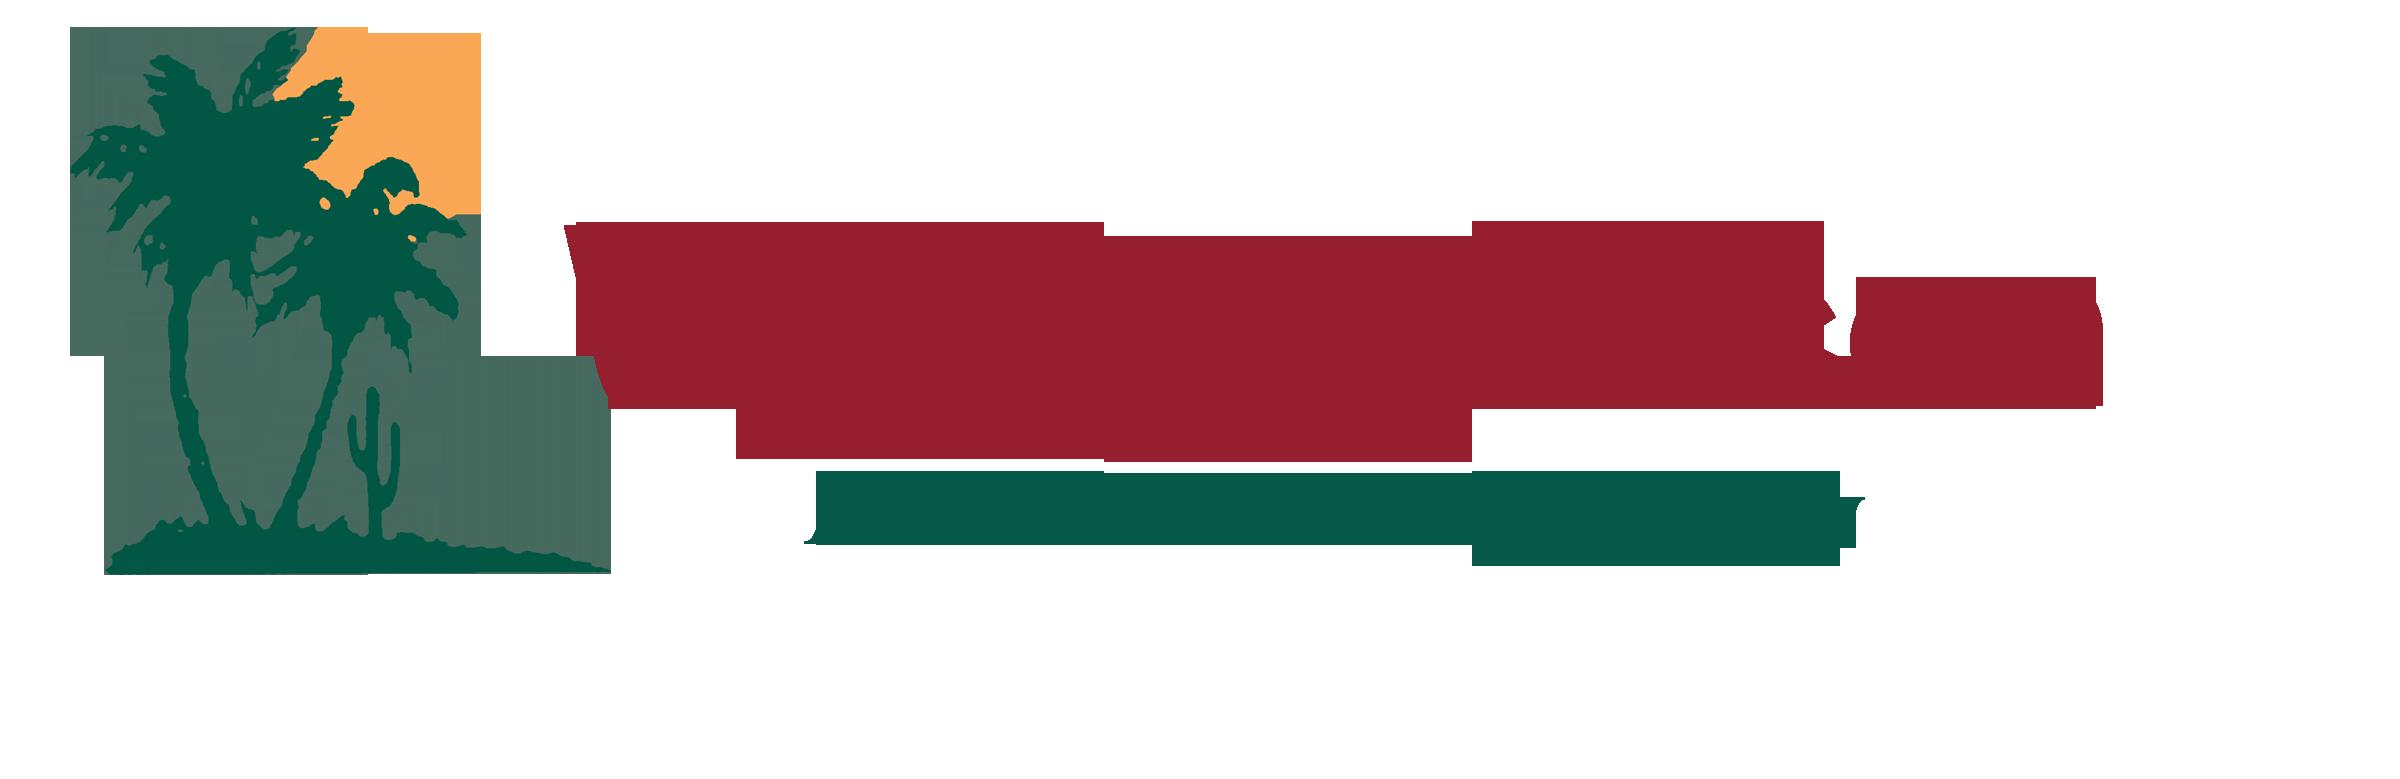 village-green (2)